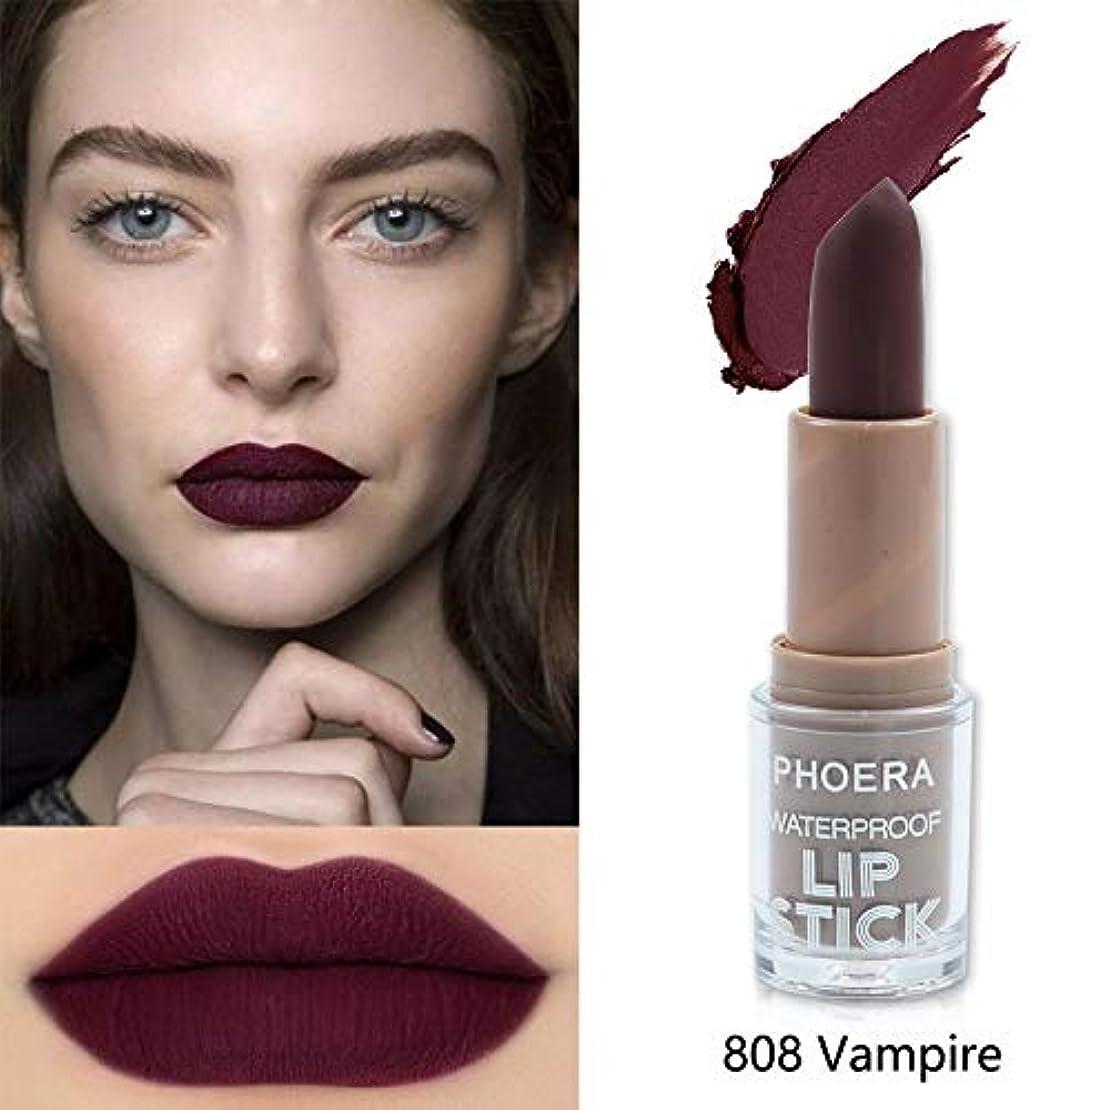 みがきますわずかに疑い者Beauty Matte Moisturizing Lipstick Makeup Lipsticks Lip Stick Waterproof Lipgloss Mate Lipsticks Cosmetic